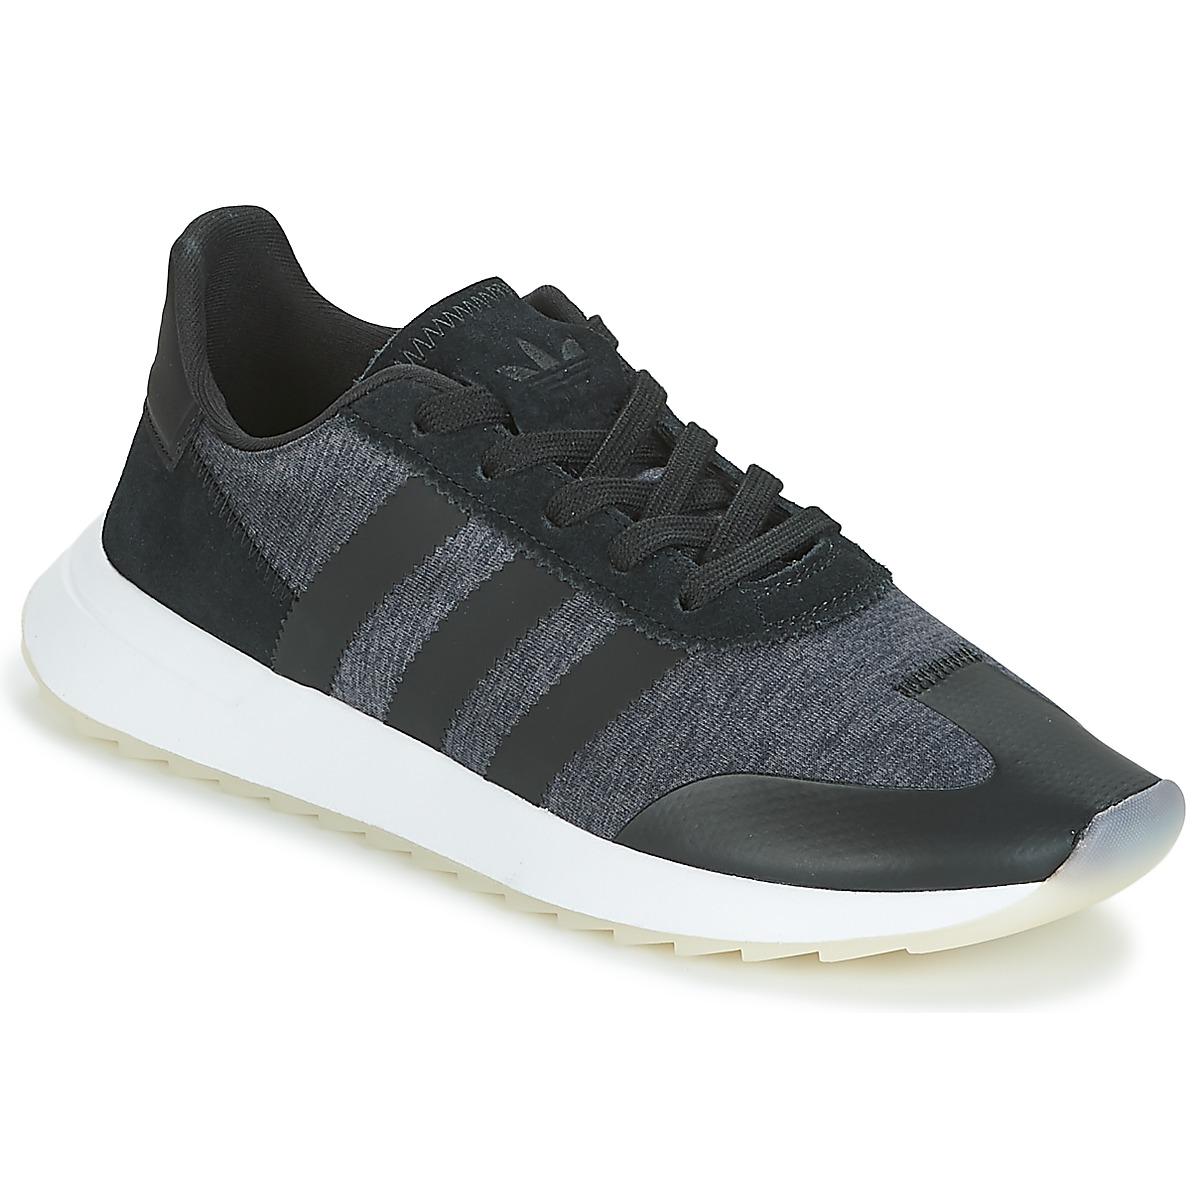 adidas Originals FLB RUNNER W Schwarz - Kostenloser Versand bei Spartoode ! - Schuhe Sneaker Low Damen 54,00 €